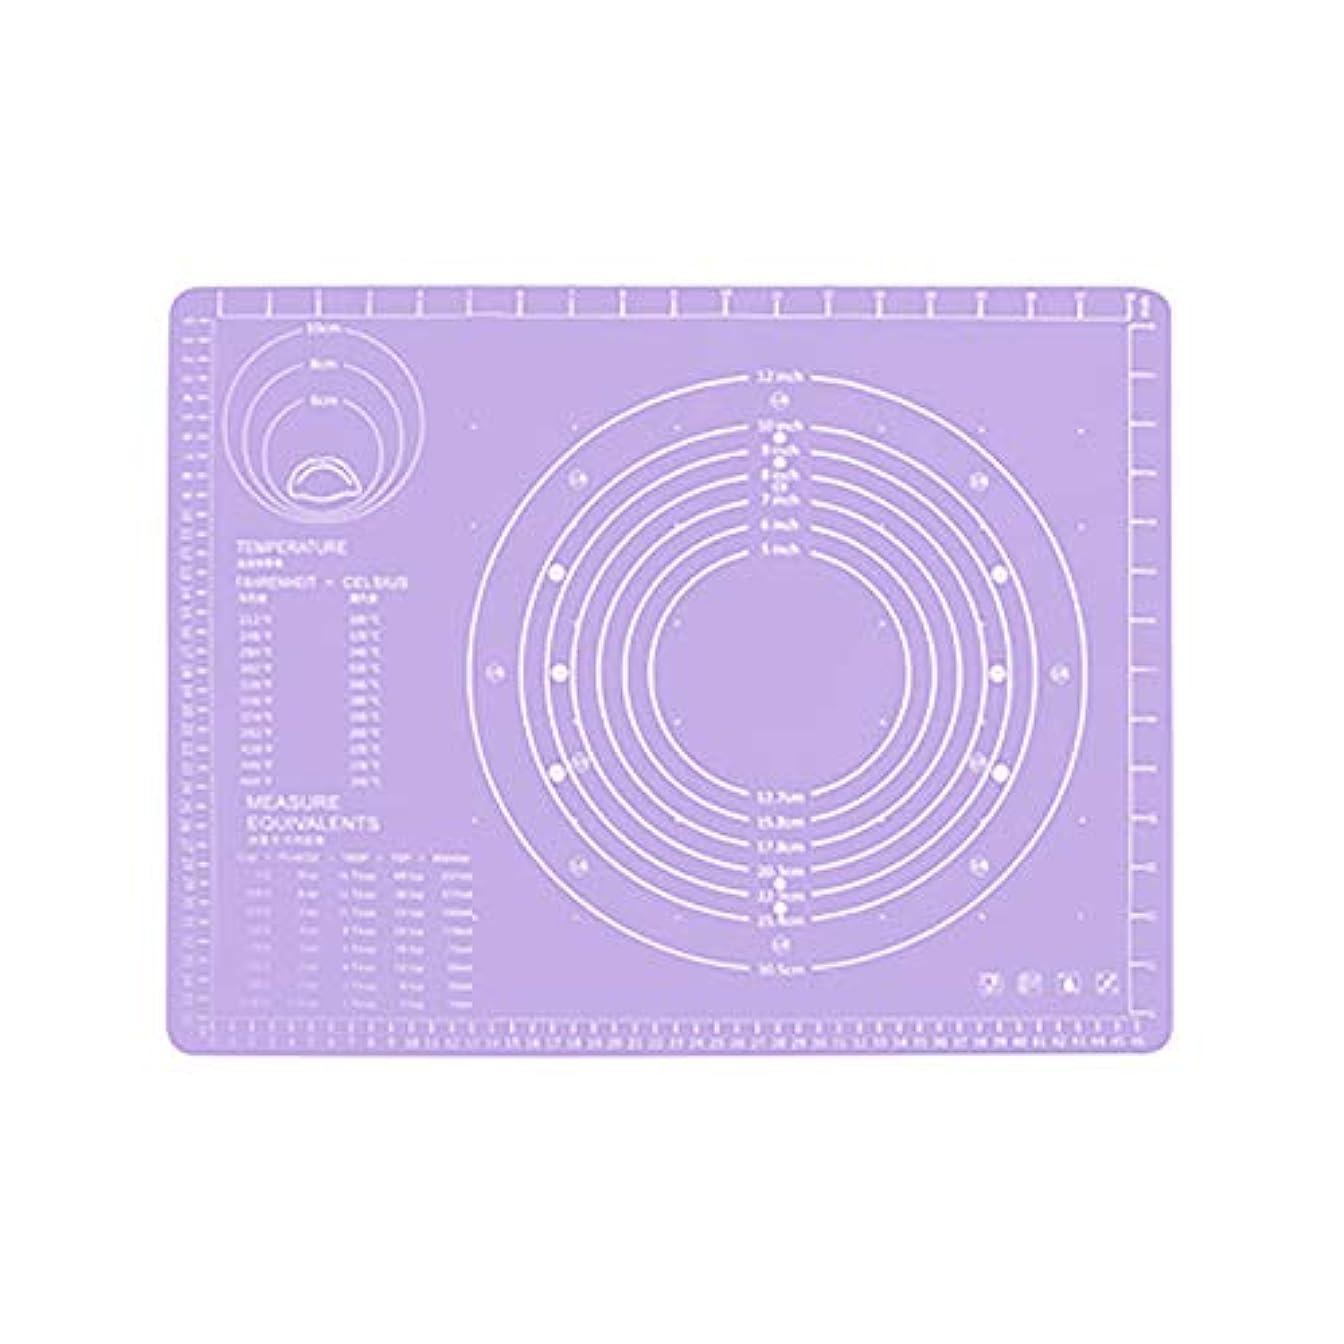 種をまくセンサーずっとRefaxi シリコーン生地ローリング混練パッド高温ケーキペストリーベーキングパッド(紫)